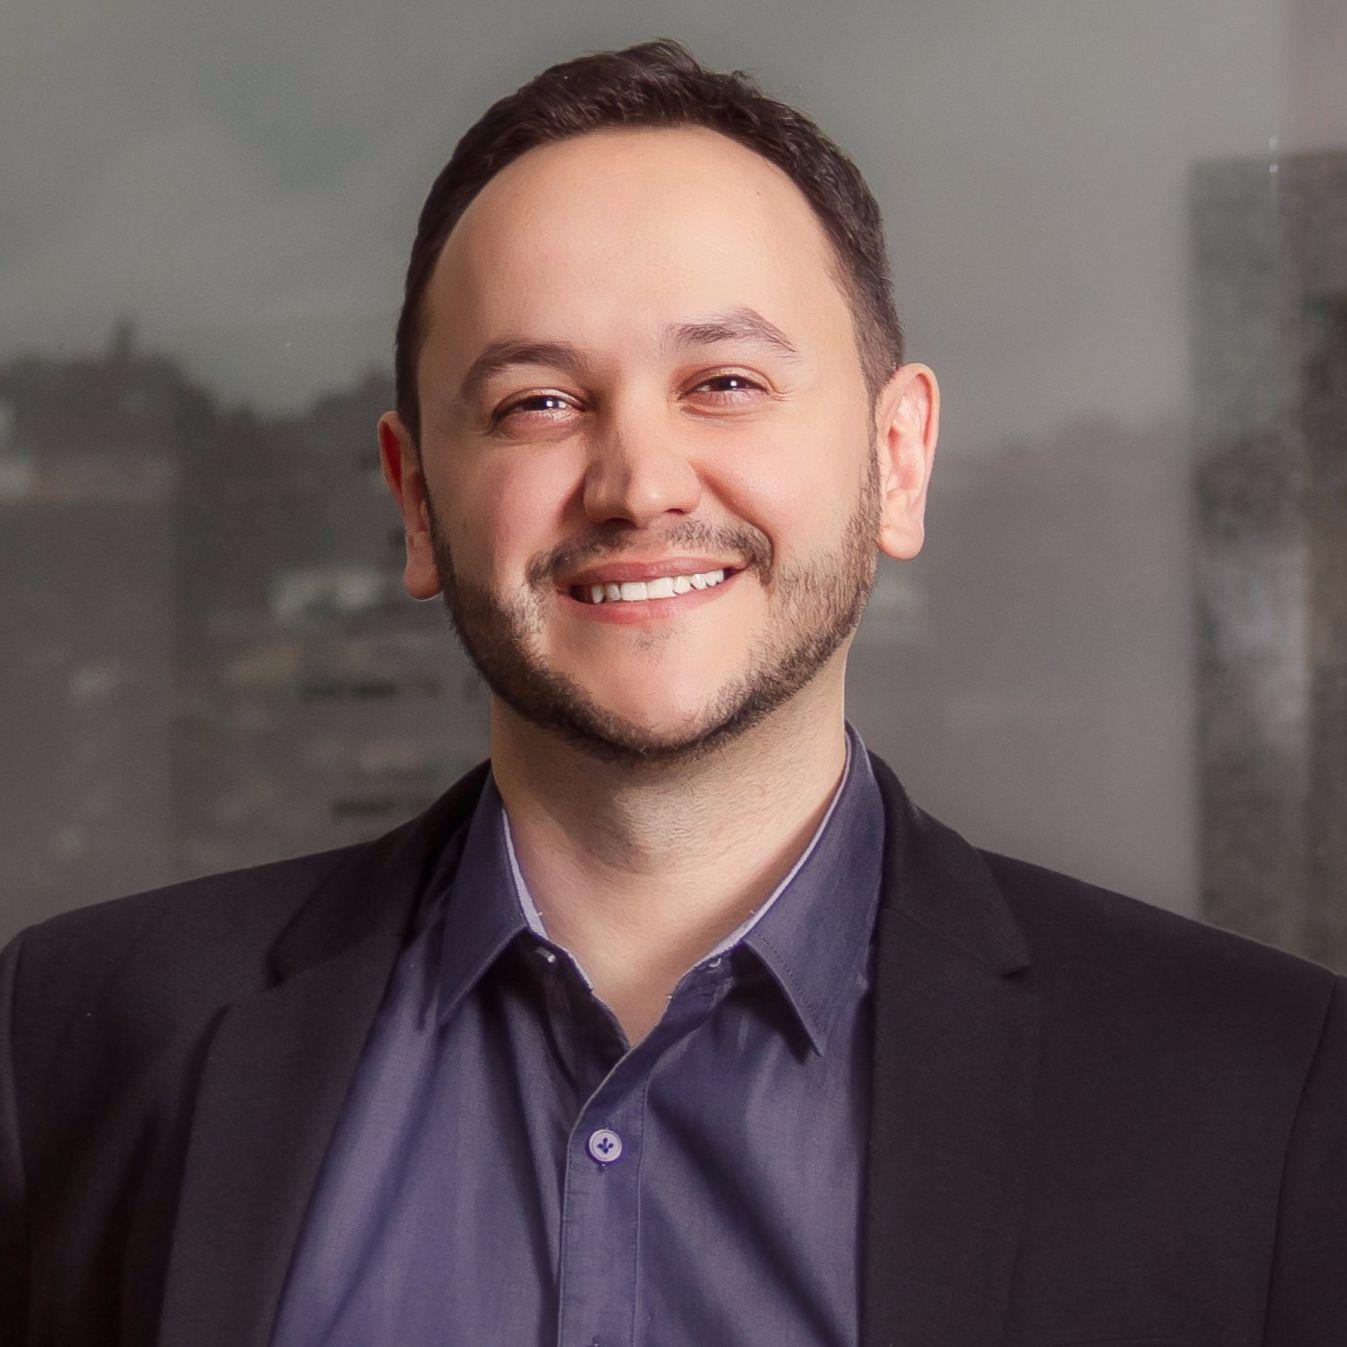 Podcast do André Faria - Gestão, Negócios e Tecnologia